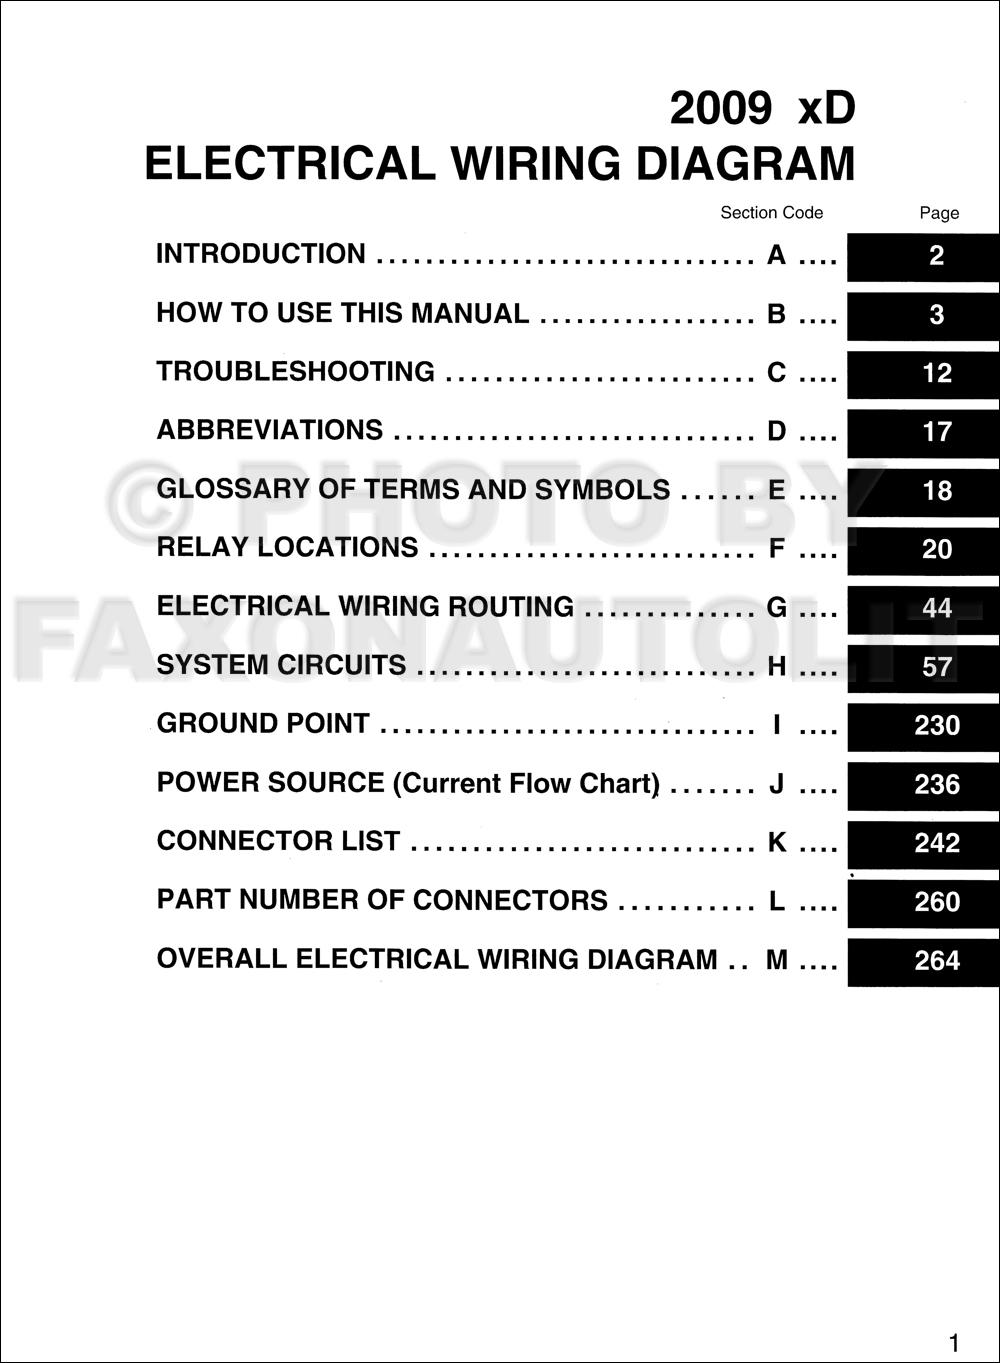 scion xb fuse box diagram image wiring 2008 scion xb radio wiring diagram 2008 image on 2008 scion xb fuse box